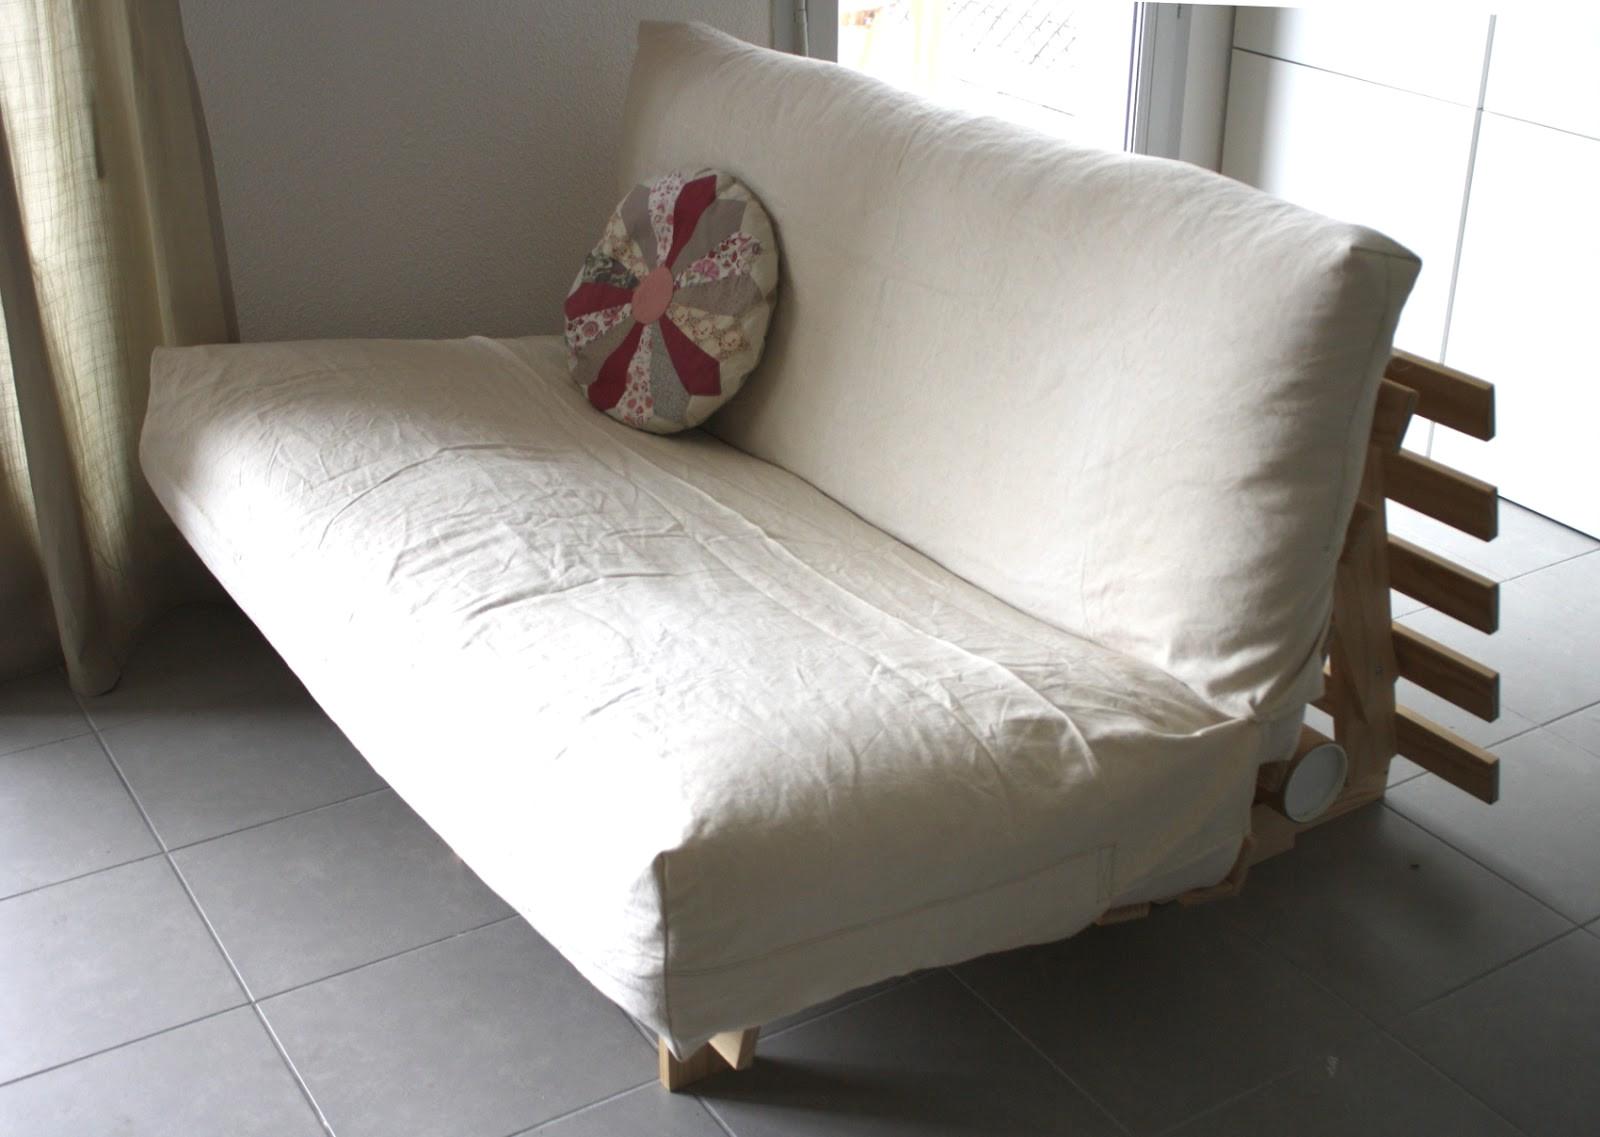 canap bz alinea l gant photographie housse canape bz nouveau canap convertible but 3 places. Black Bedroom Furniture Sets. Home Design Ideas